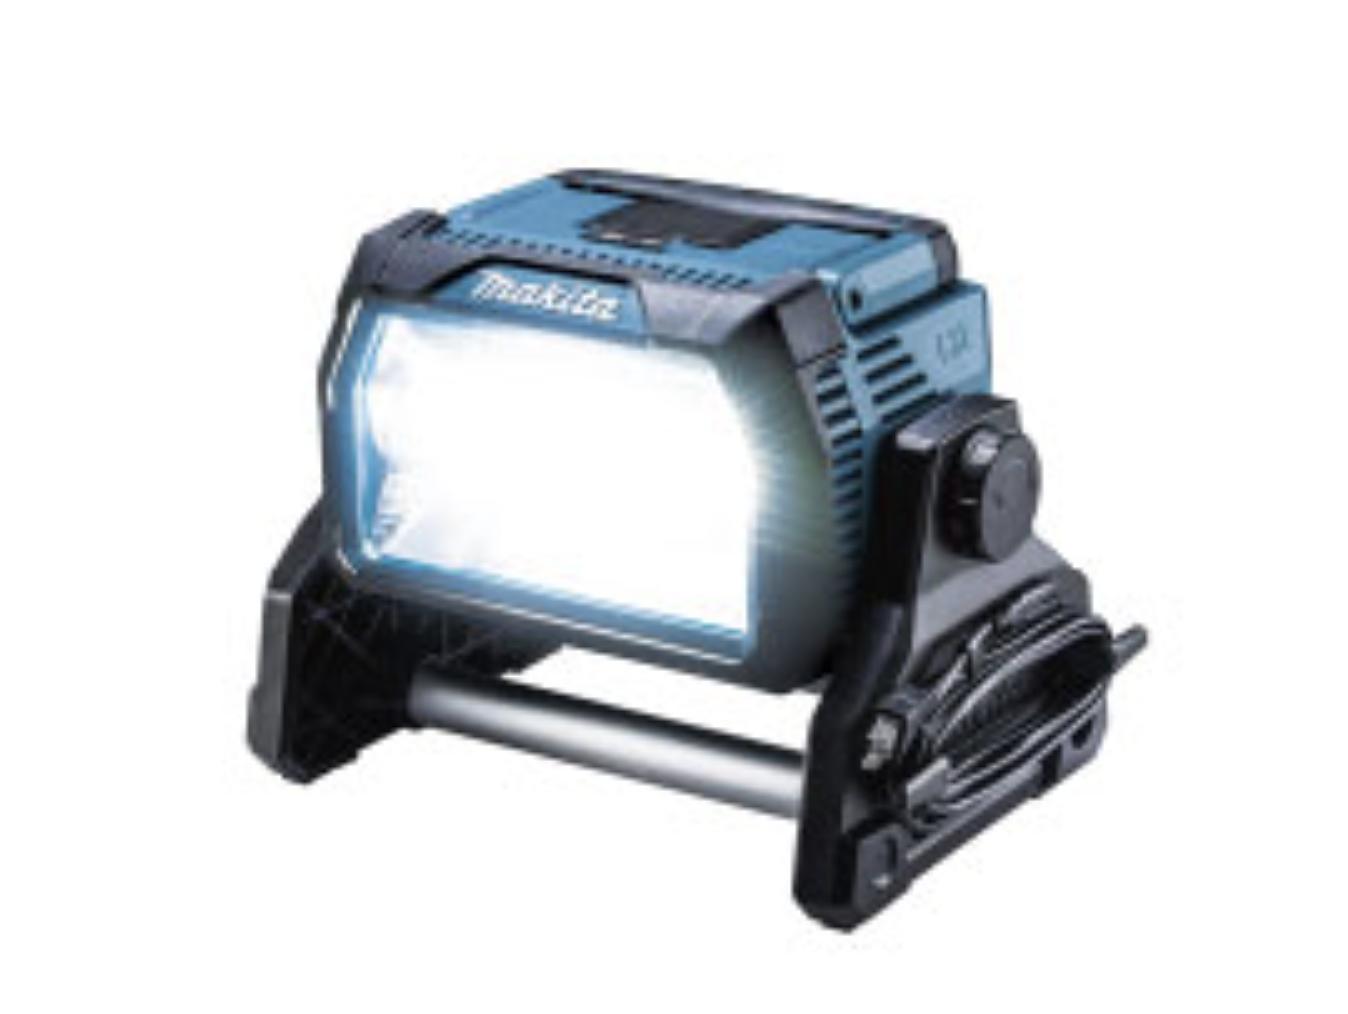 【マキタ】マキタバッテリで現場を明るく『充電式スタンドライト』の画像